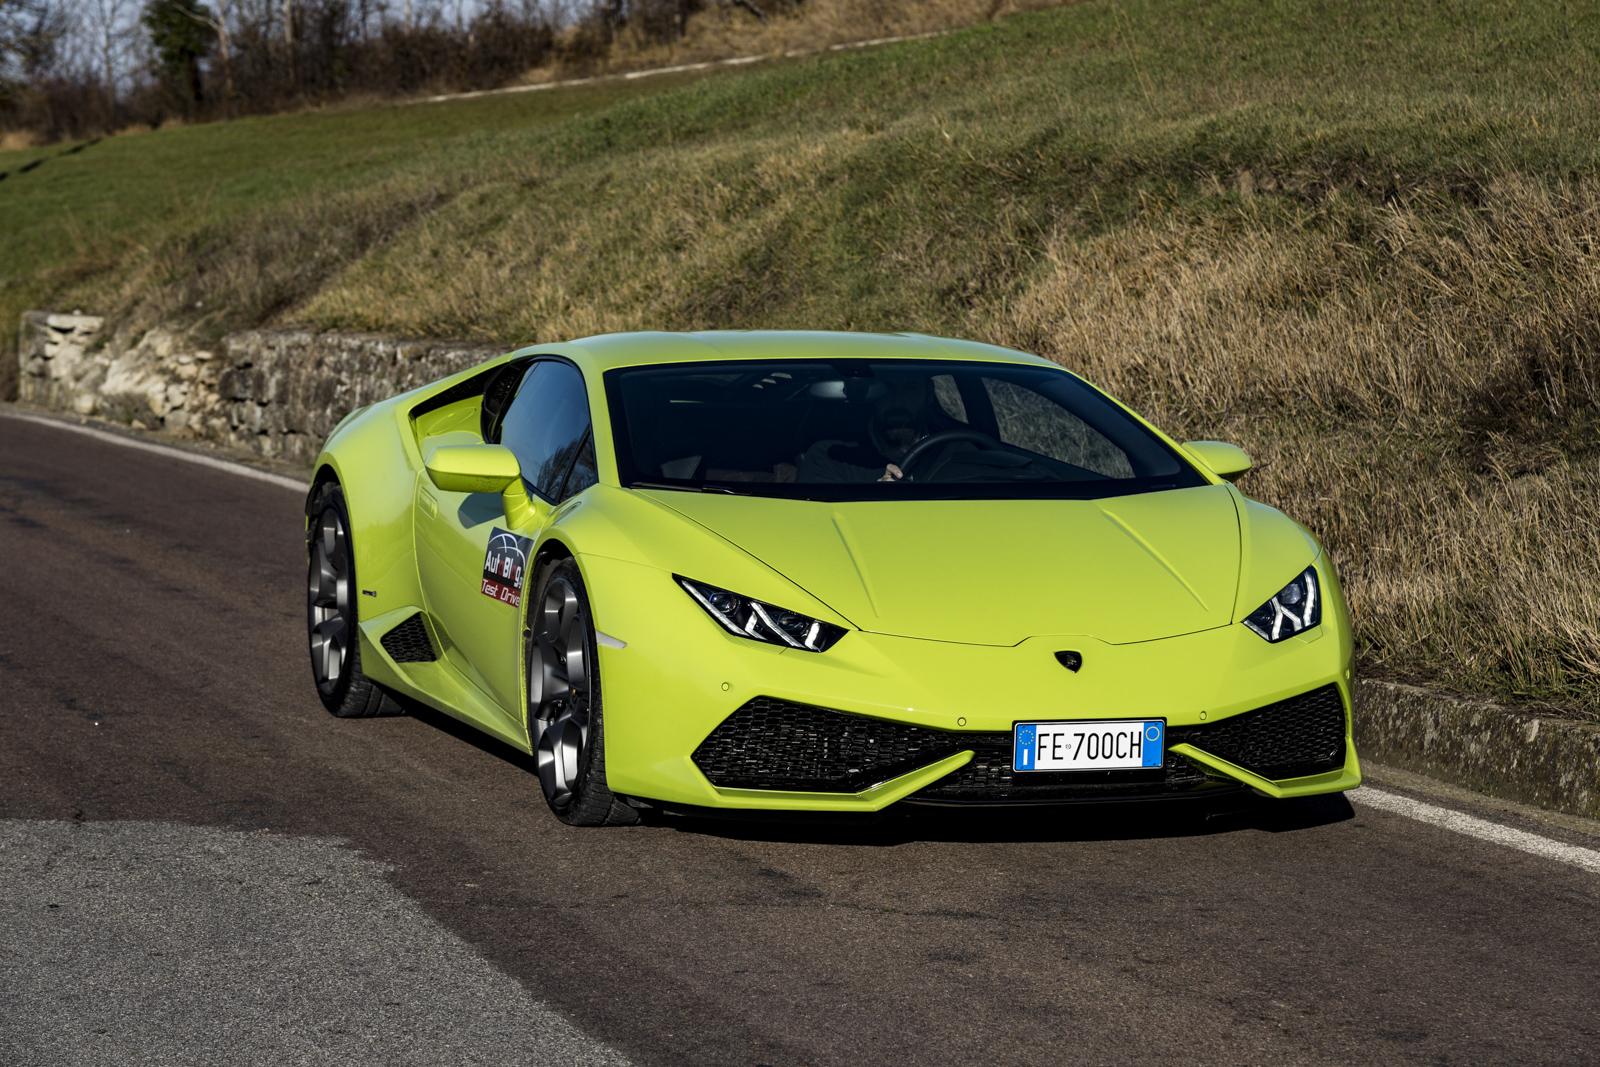 Test_Drive_Lamborghini_Huracan_LP610-4_46